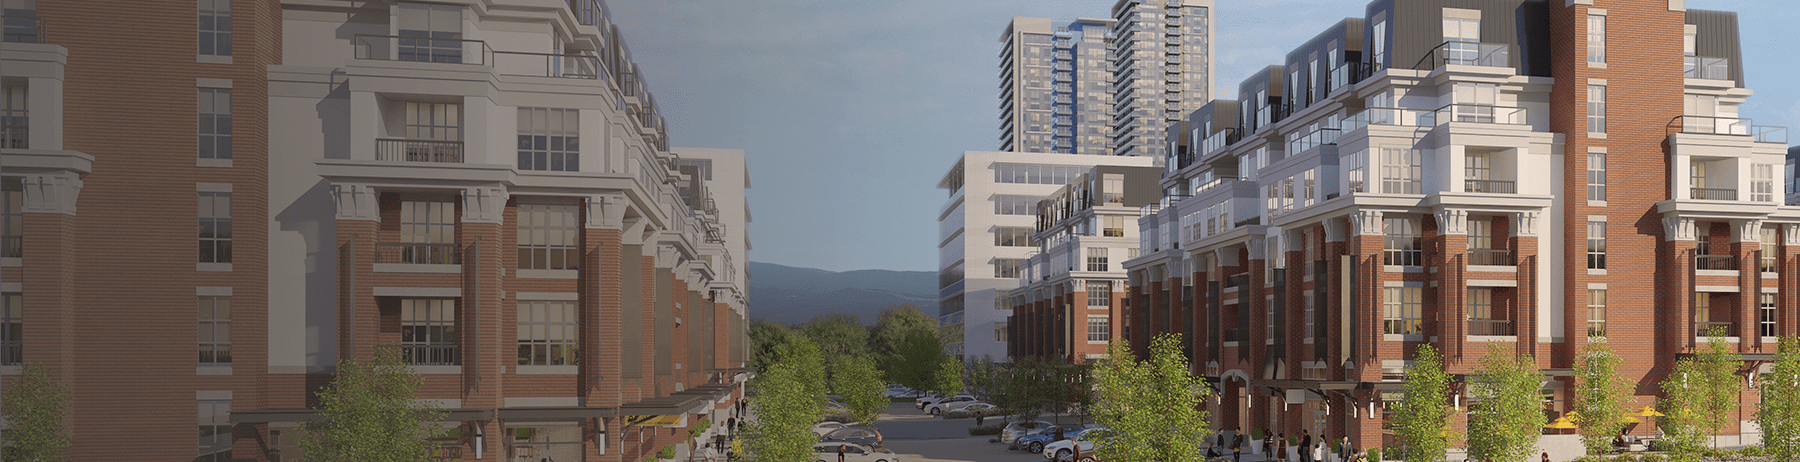 Urban Village Condos - New Building Release